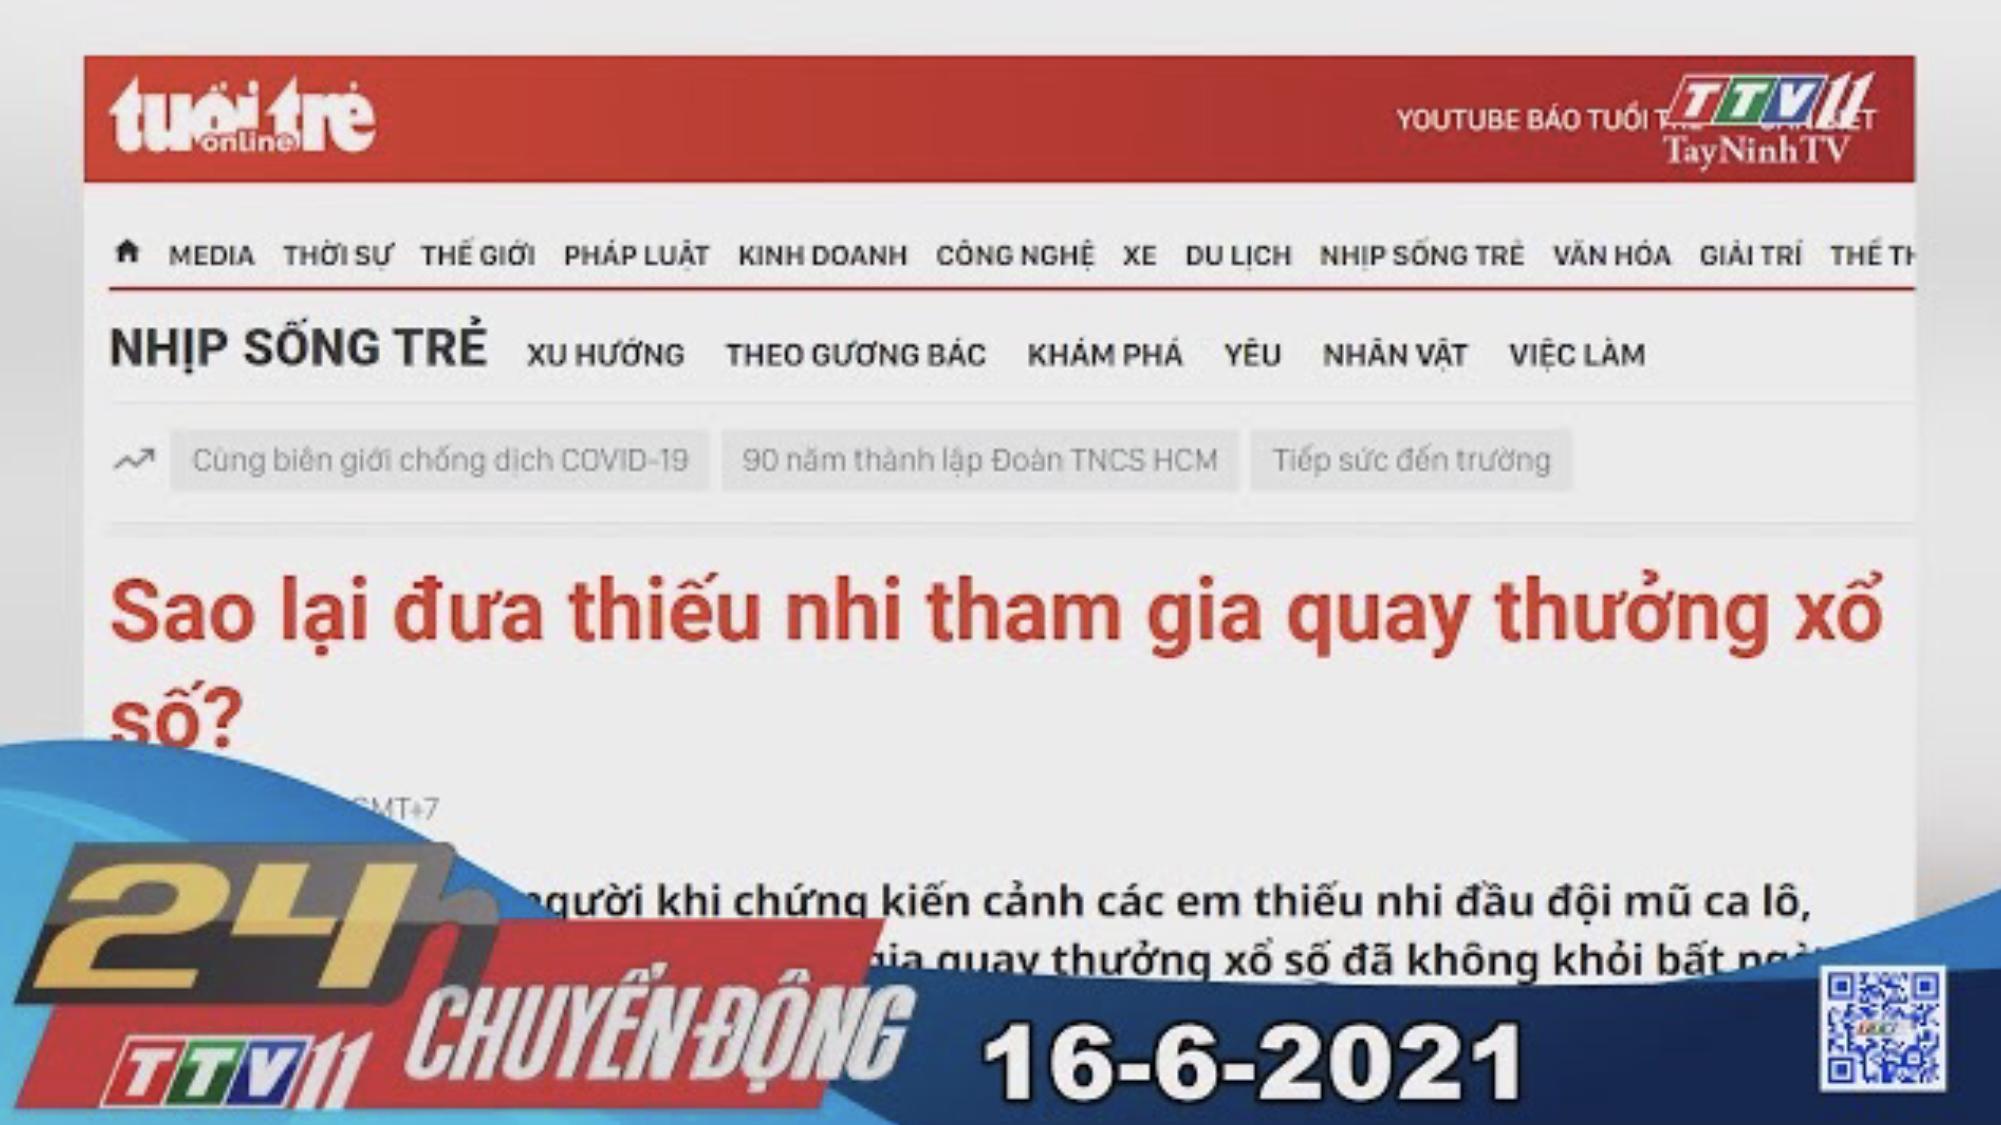 24h Chuyển động 16-6-2021 | Tin tức hôm nay | TayNinhTV